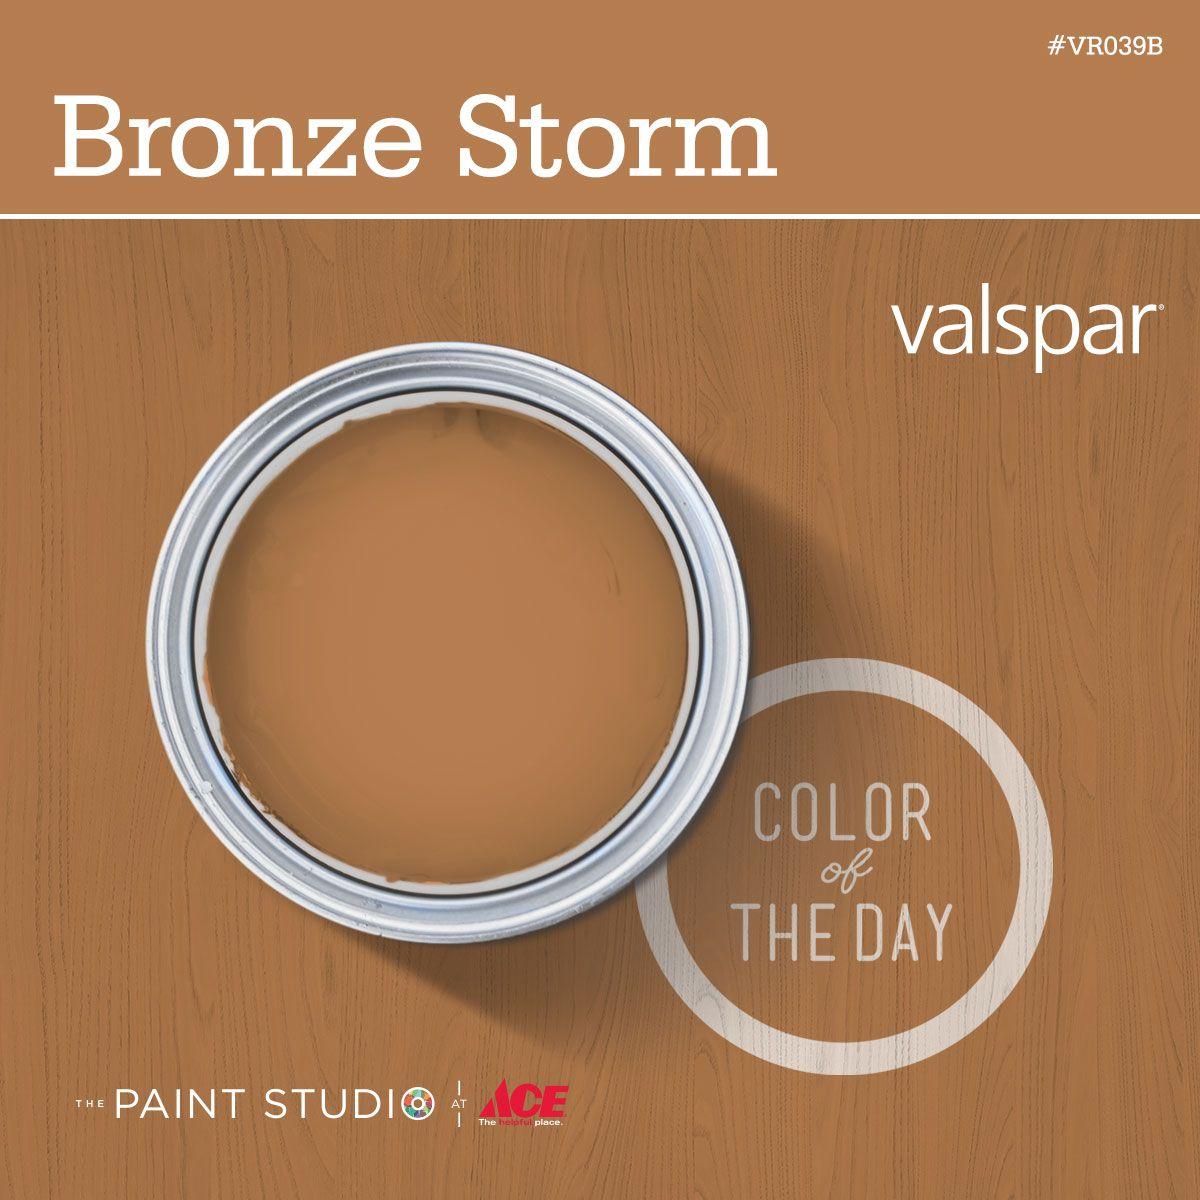 Color Of The Day Bronze Storm By Valspar 31daysofcolor Paint Inspiration Thepaintstudio Valspar Colors Color Of The Day Exterior Paint Colors